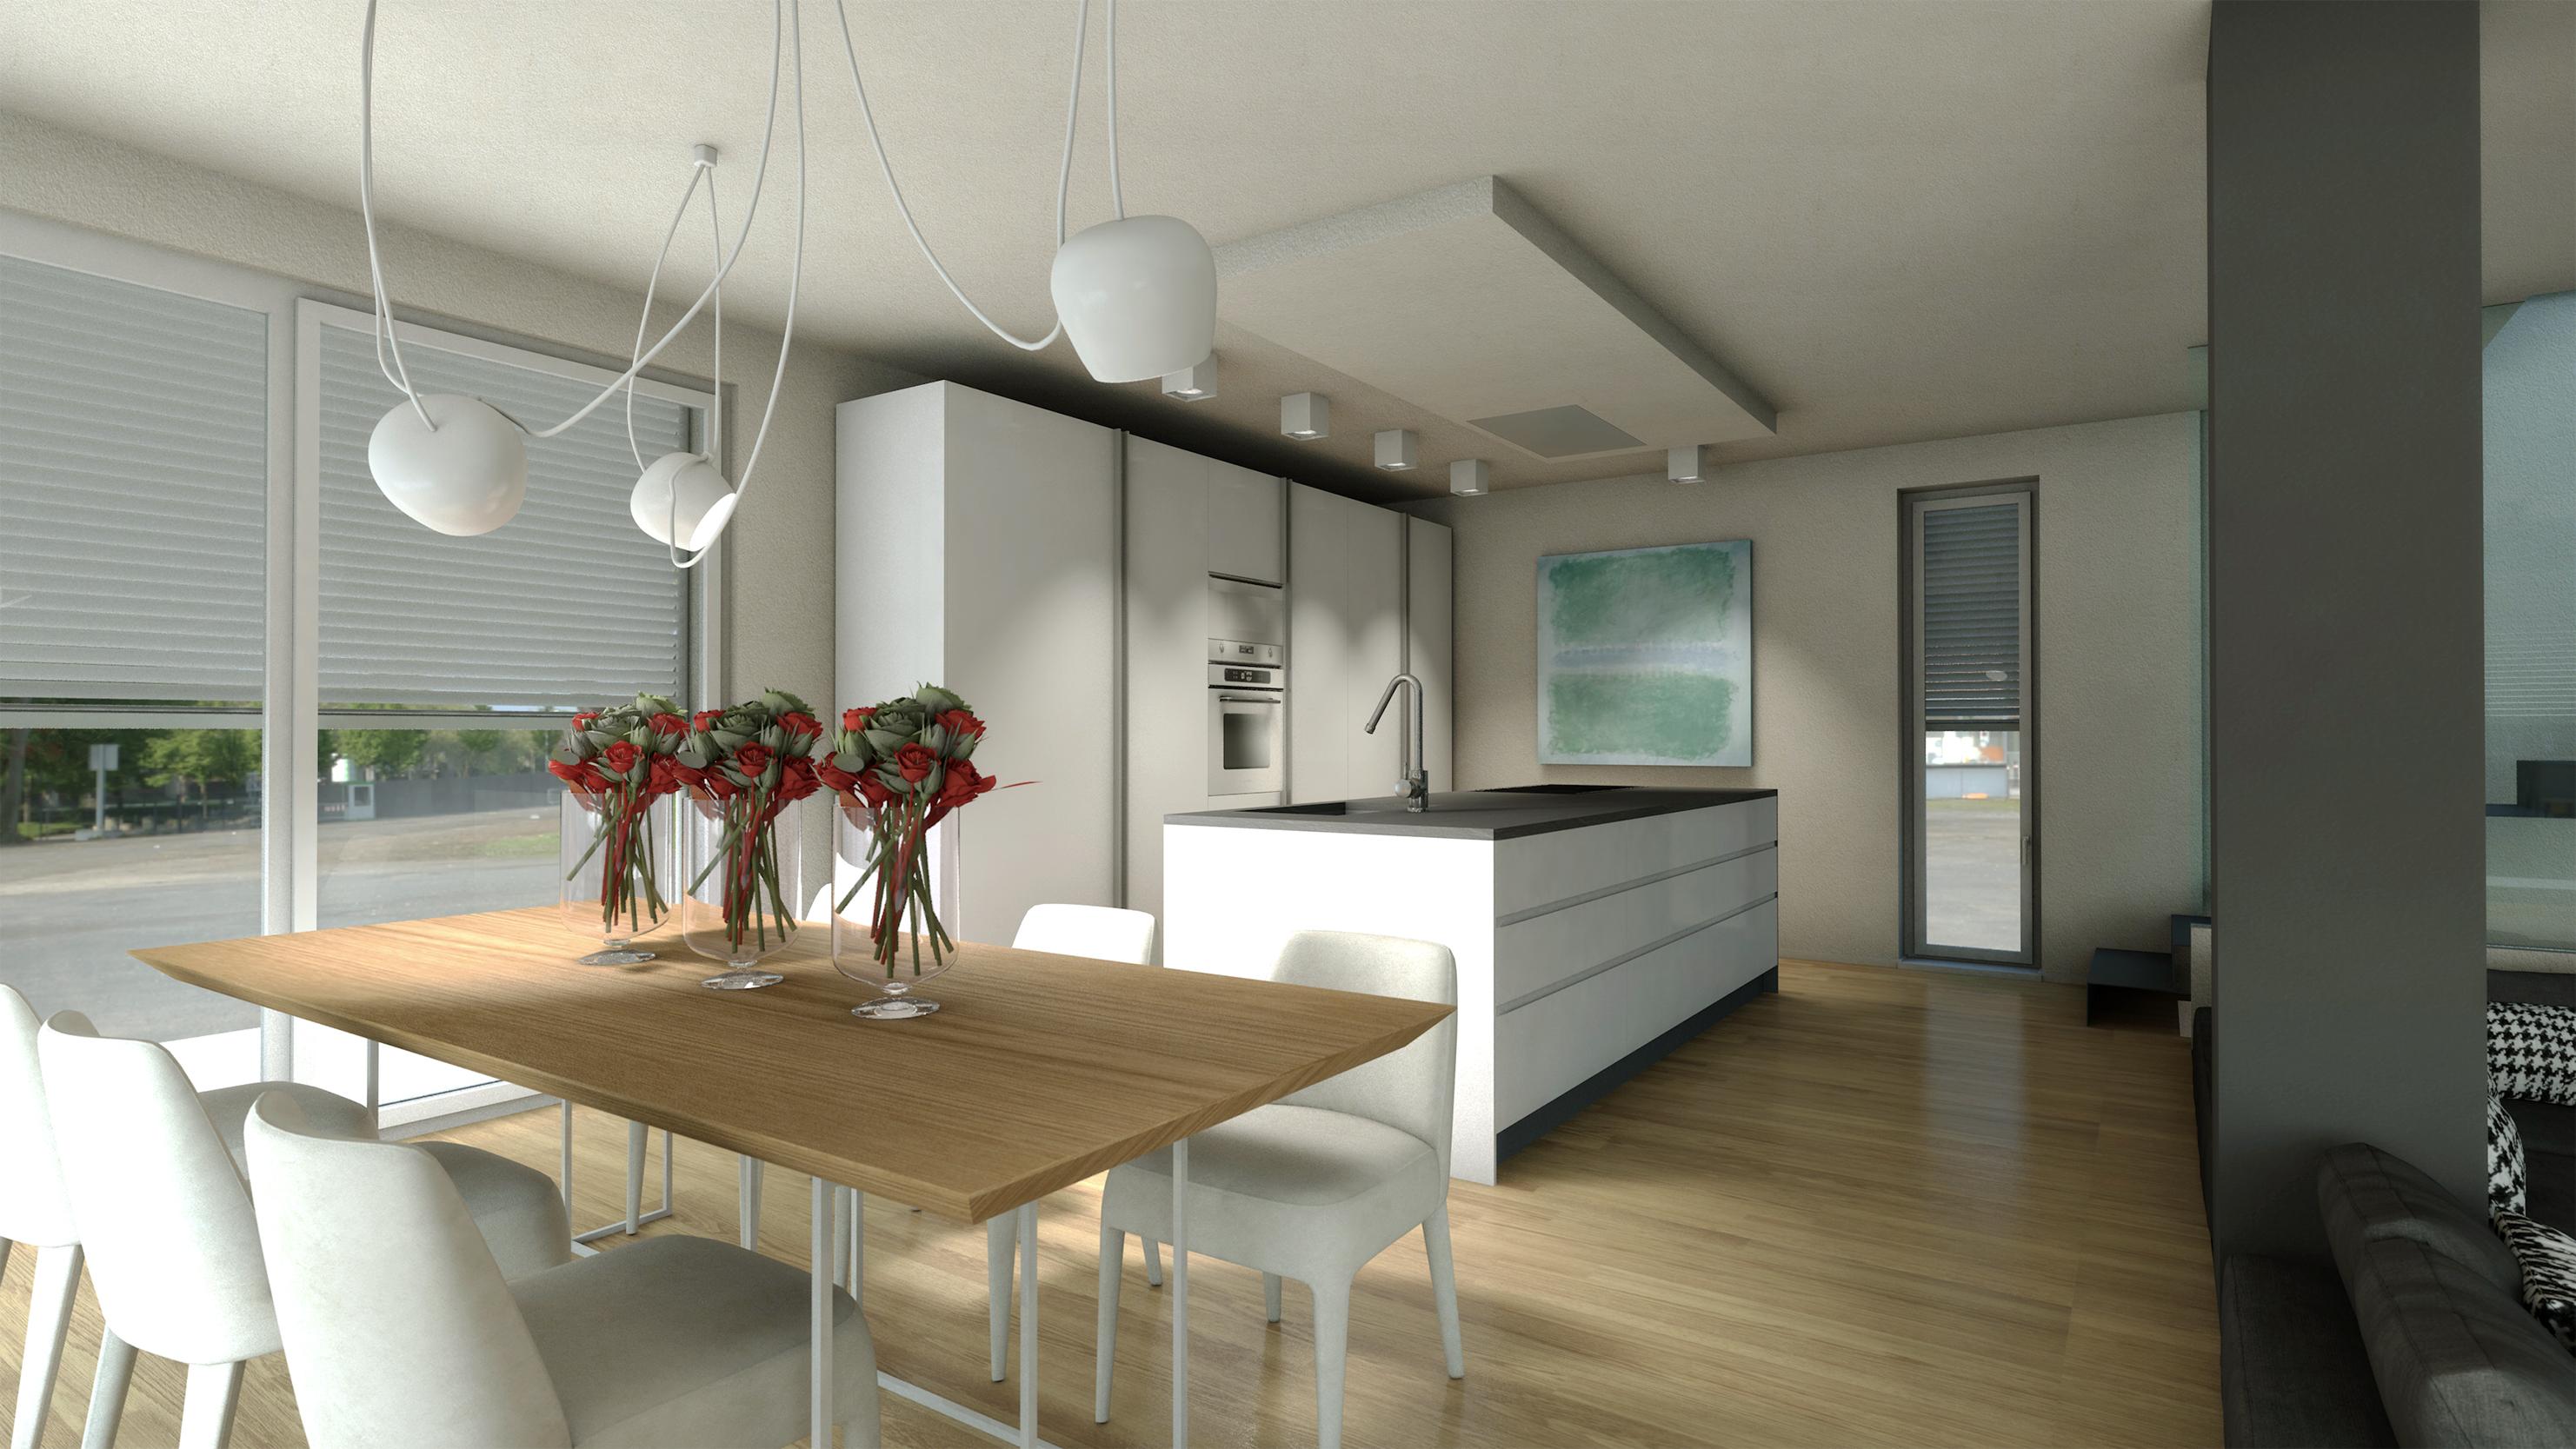 Interni villa duplex bc progettazione integrata di for Immagini design interni